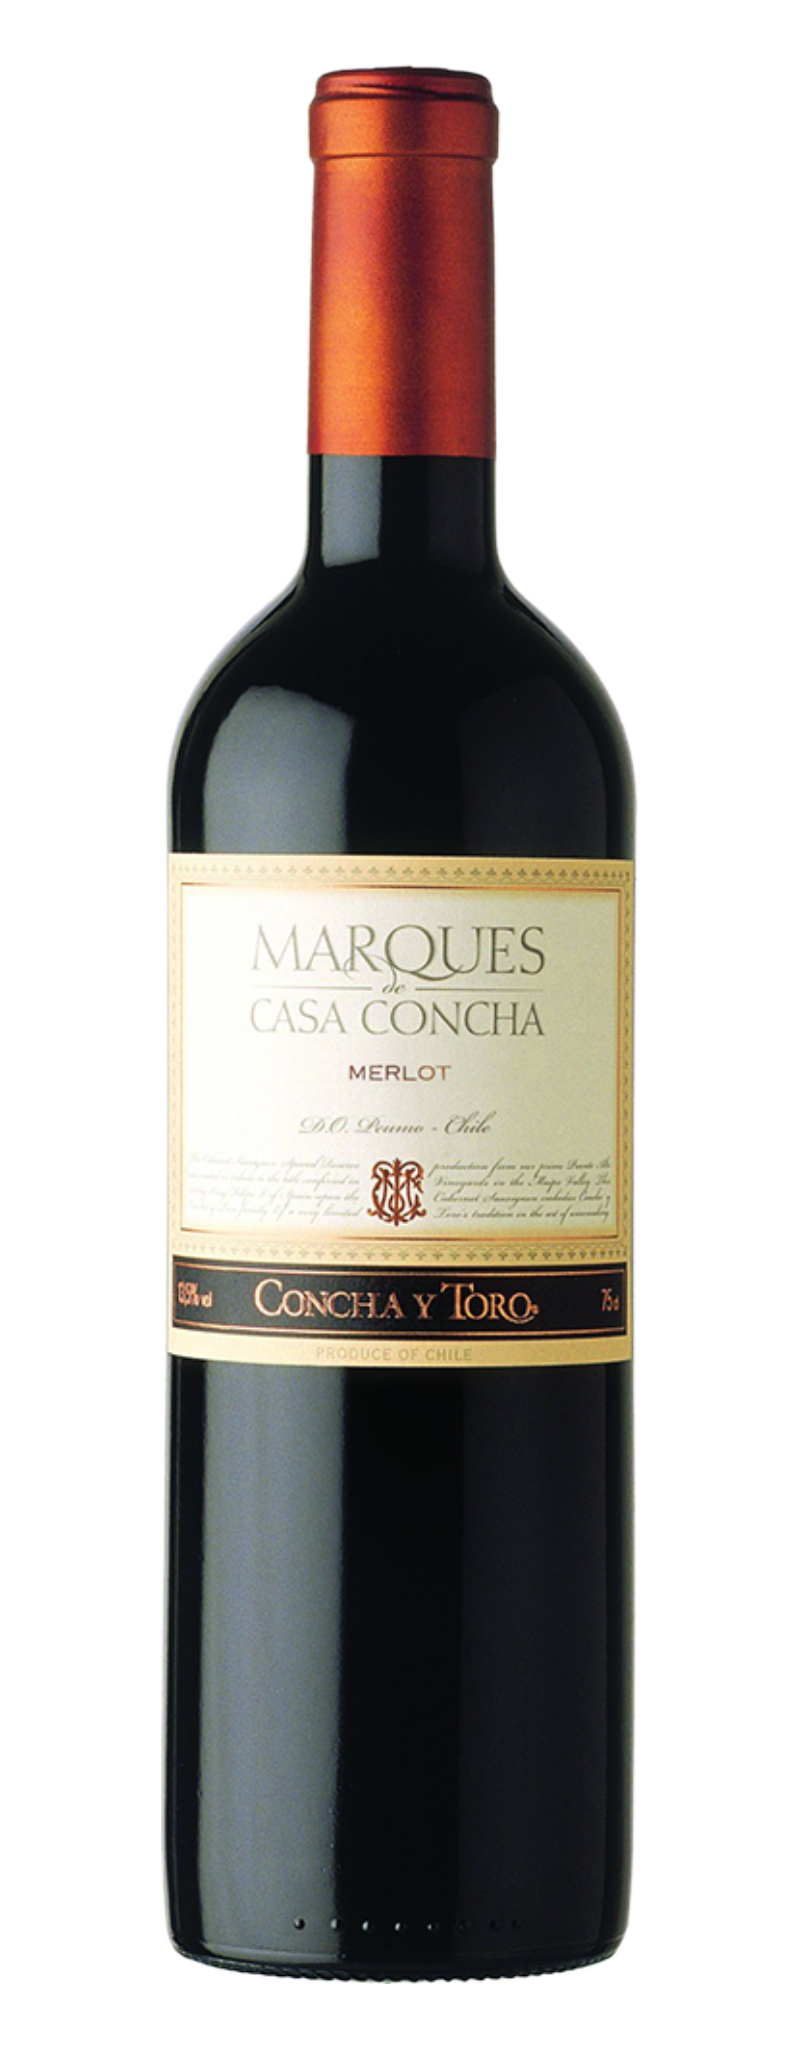 Concha Y Toro, Marques de Casa Concha Merlot, Maule Valley  - 750ml